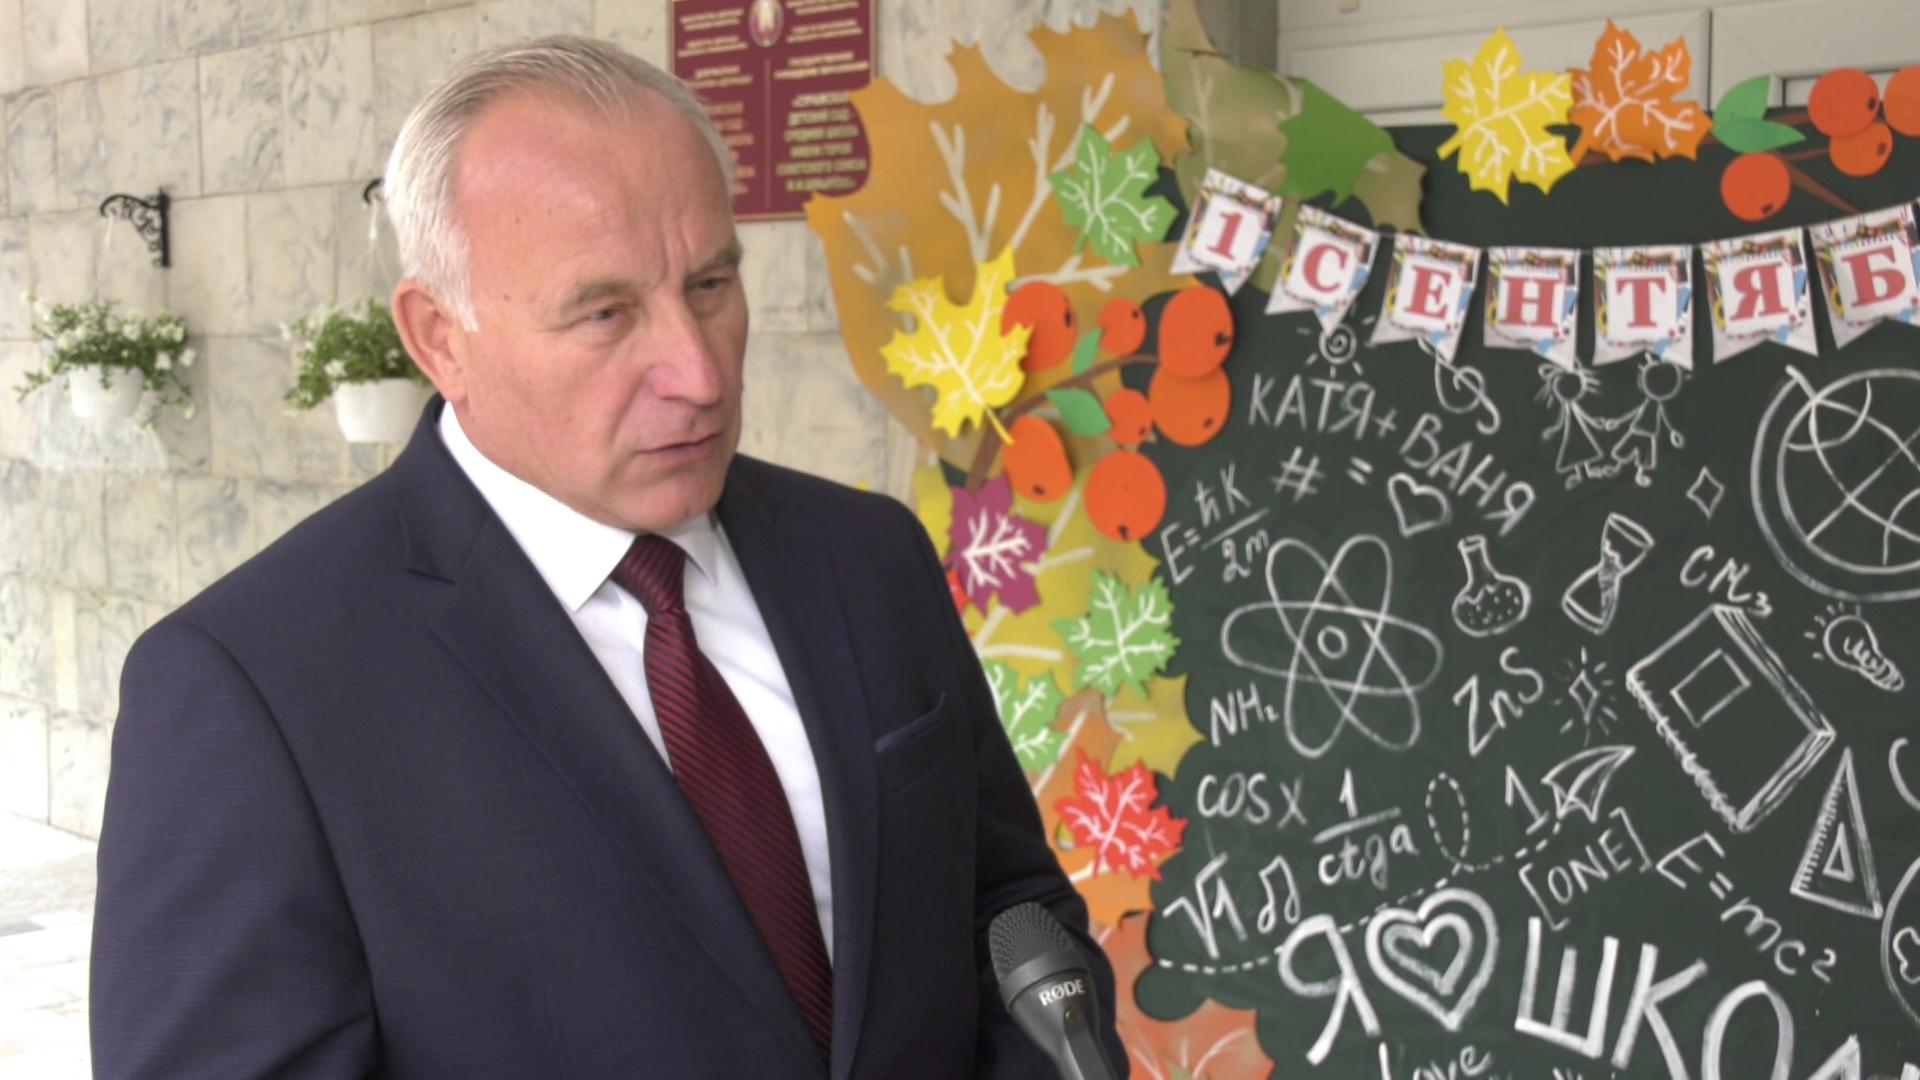 gubernator v shkole - Сегодня новый учебный год начался для почти 115 тысяч школьников области (видео)